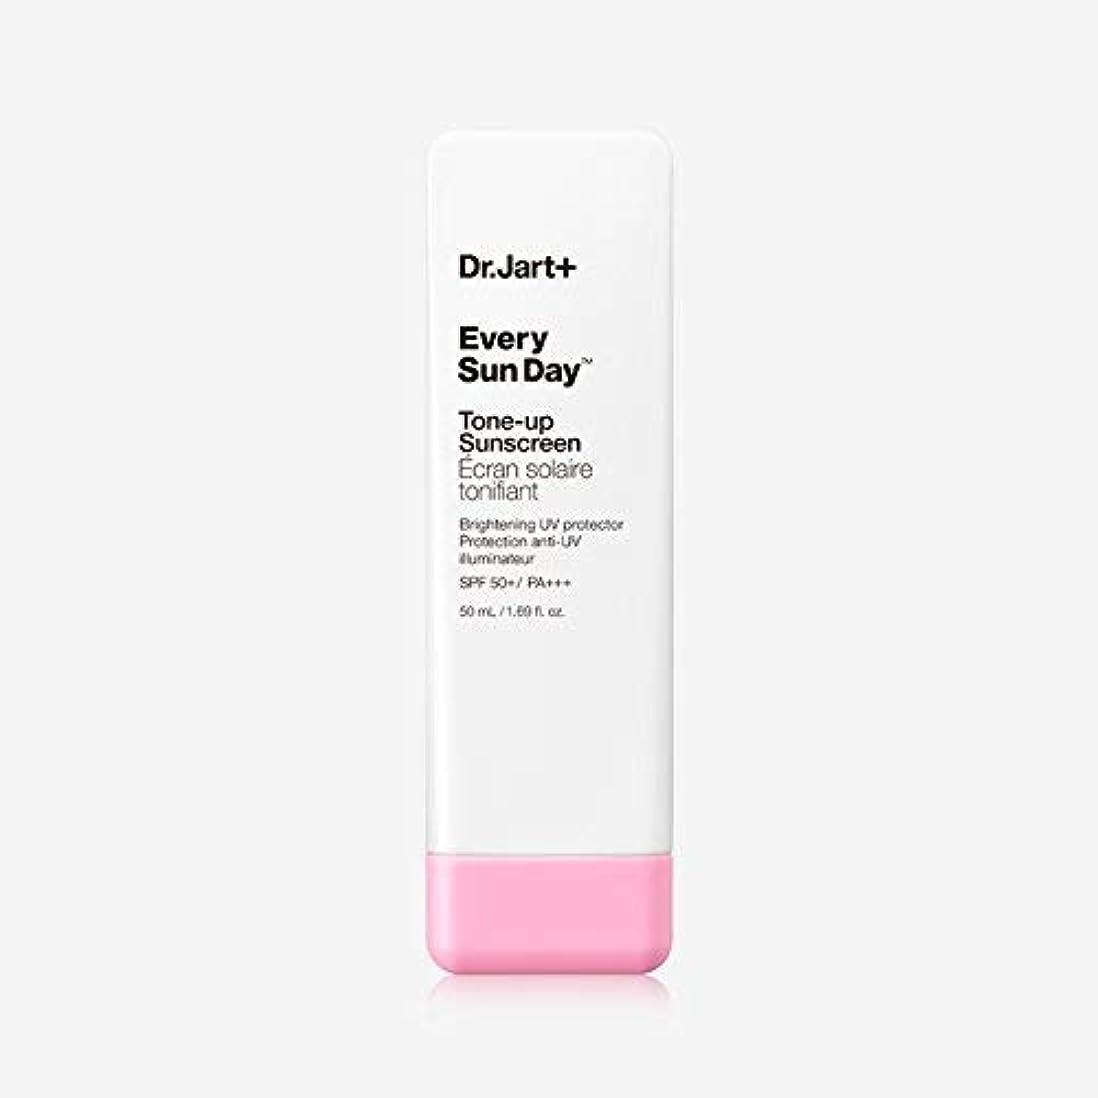 機関ラブエキスパートDr.Jart+ Every Sun Day Tone-up Sunscreen SPF50+ PA+++ 50ml / ドクタージャルトゥエヴリサンデートーンアップサンスクリーンSPF50+PA+++50ml [並行輸入品]